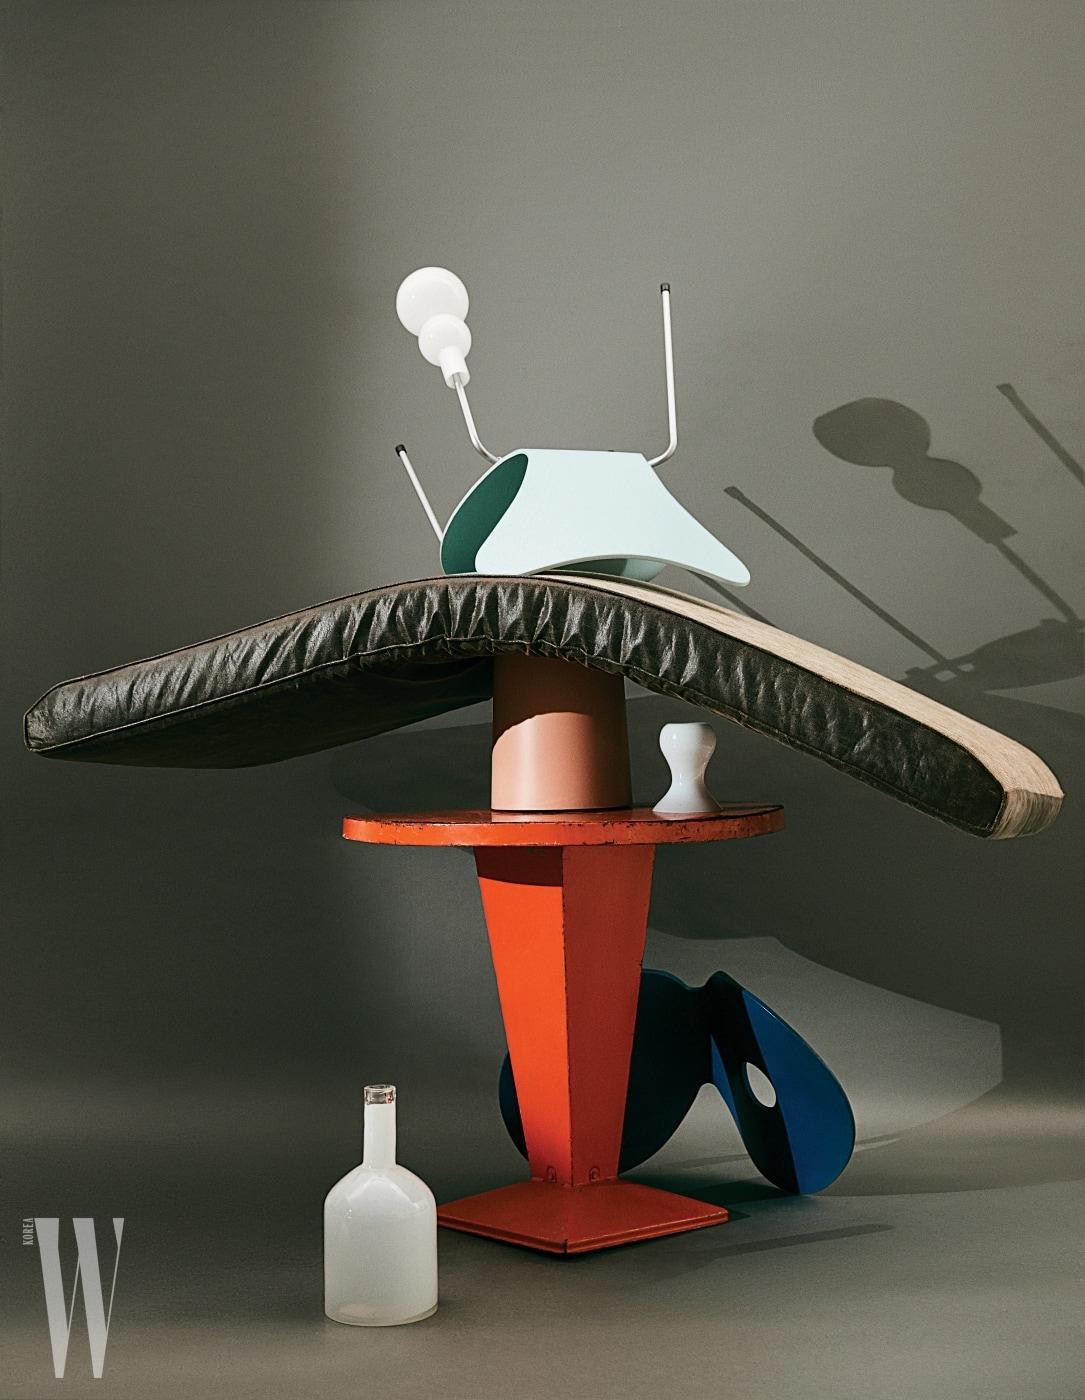 위부터ㅣ동그란 곡선 실루엣의 유리 화병은 Zara Home, 단순하고 아름다운 형태로 시대를 초월한 의자로 꼽히는 Series 7 Chair는 Fritz Hansen, 매트리스 아래 놓인 소일 핑크 컬러 튜블러 휴지통은 Ideaco by WxDxH, 오른쪽의 화병은 Orer 소장품, 오렌지 라운드 철제 테이블은 Tolix, 바닥에 놓인 파란 Series 7 Chair는 의자는 Fritz Hansen, 하얀색 유리 화병은 Casamia 제품.